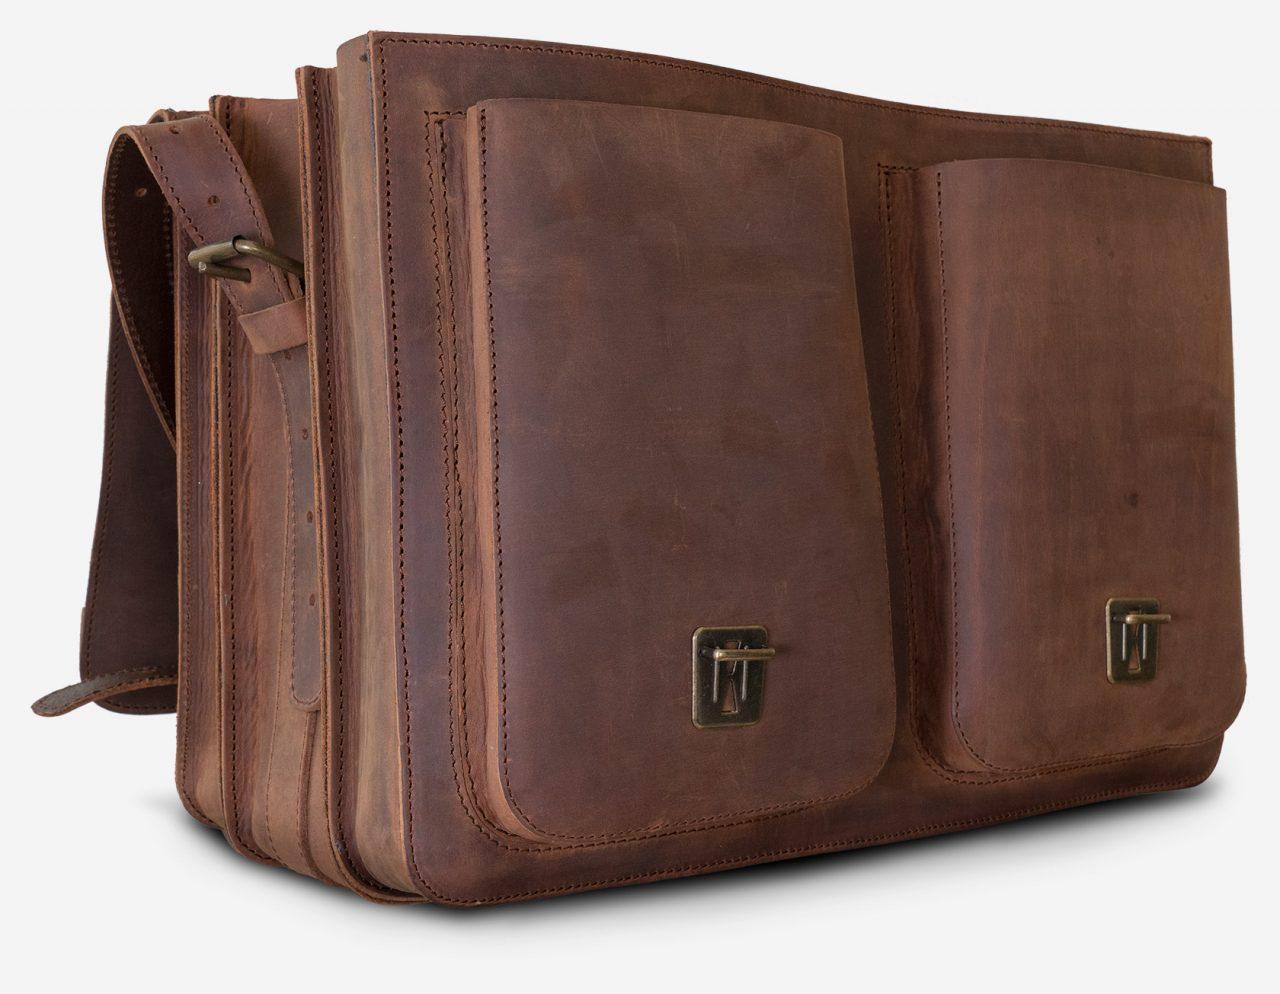 Cartable cuir vintage avec grandes poches avant.